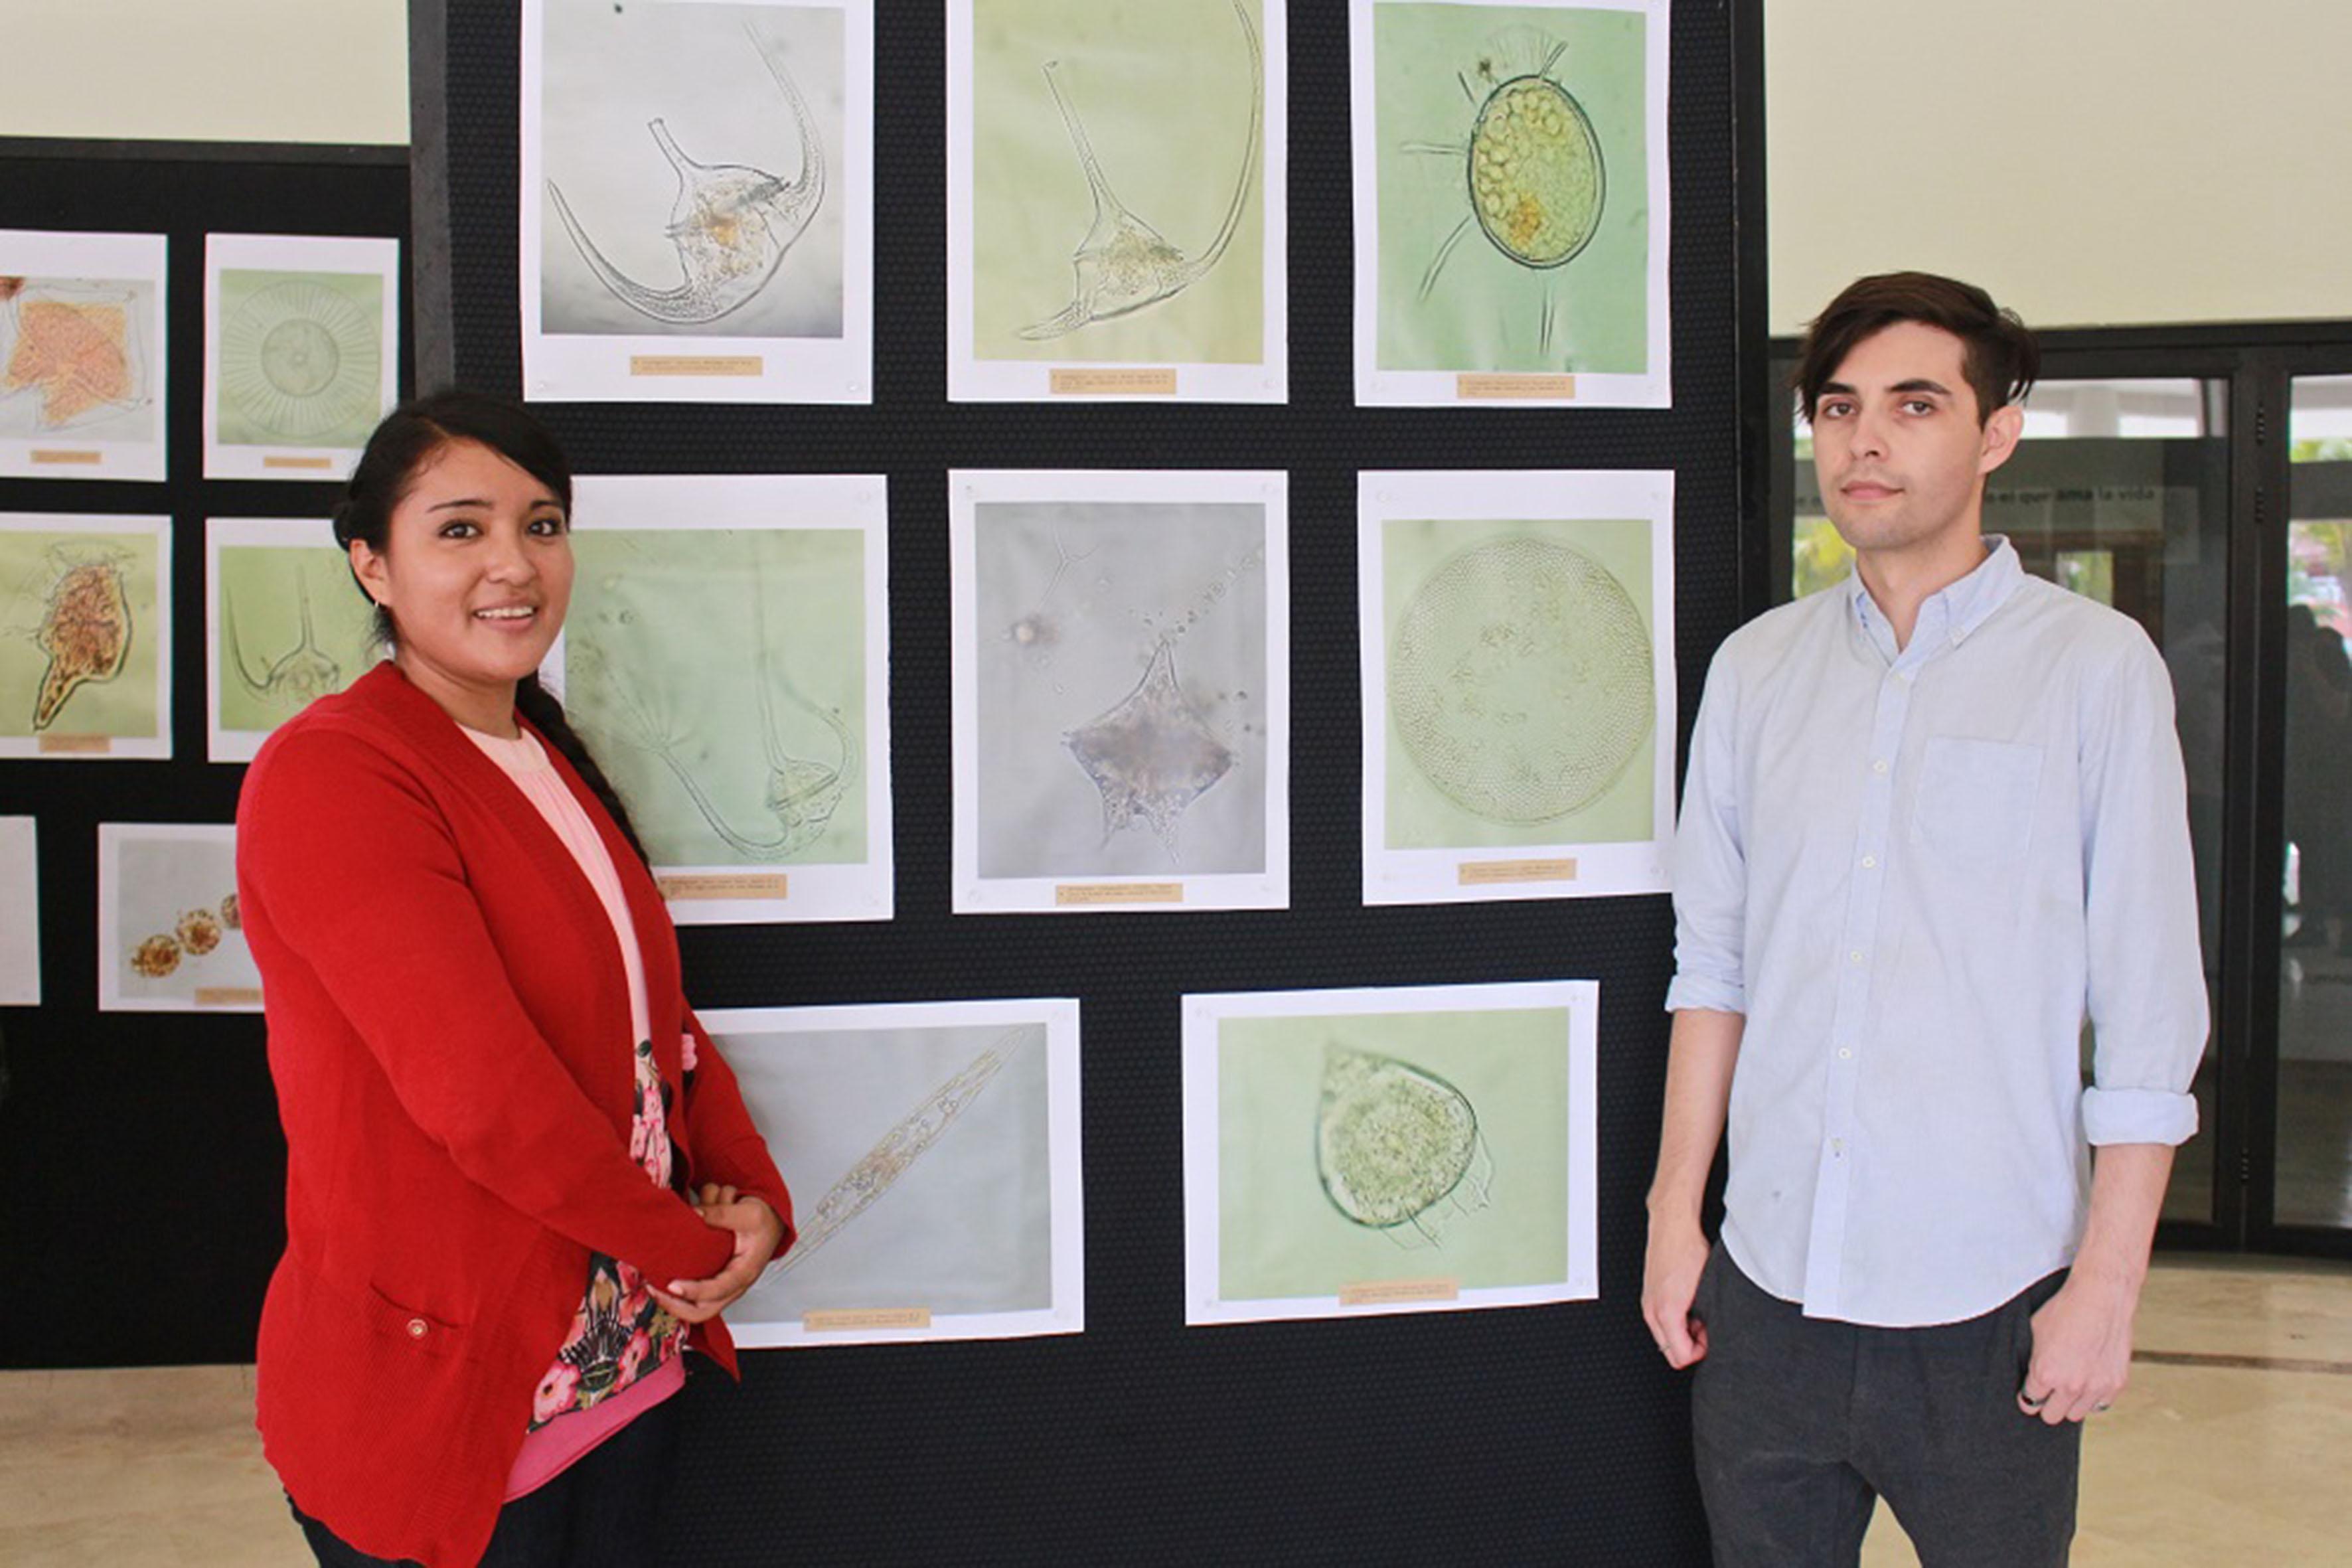 La estudiante de octavo semestre de la licenciatura en Biología, Mayreli Sánchez Dueñas y el egresado de la misma carrera, Nelson Sahagún Uribe, a un lado de su exposición fotográfica de micro algas marinas.